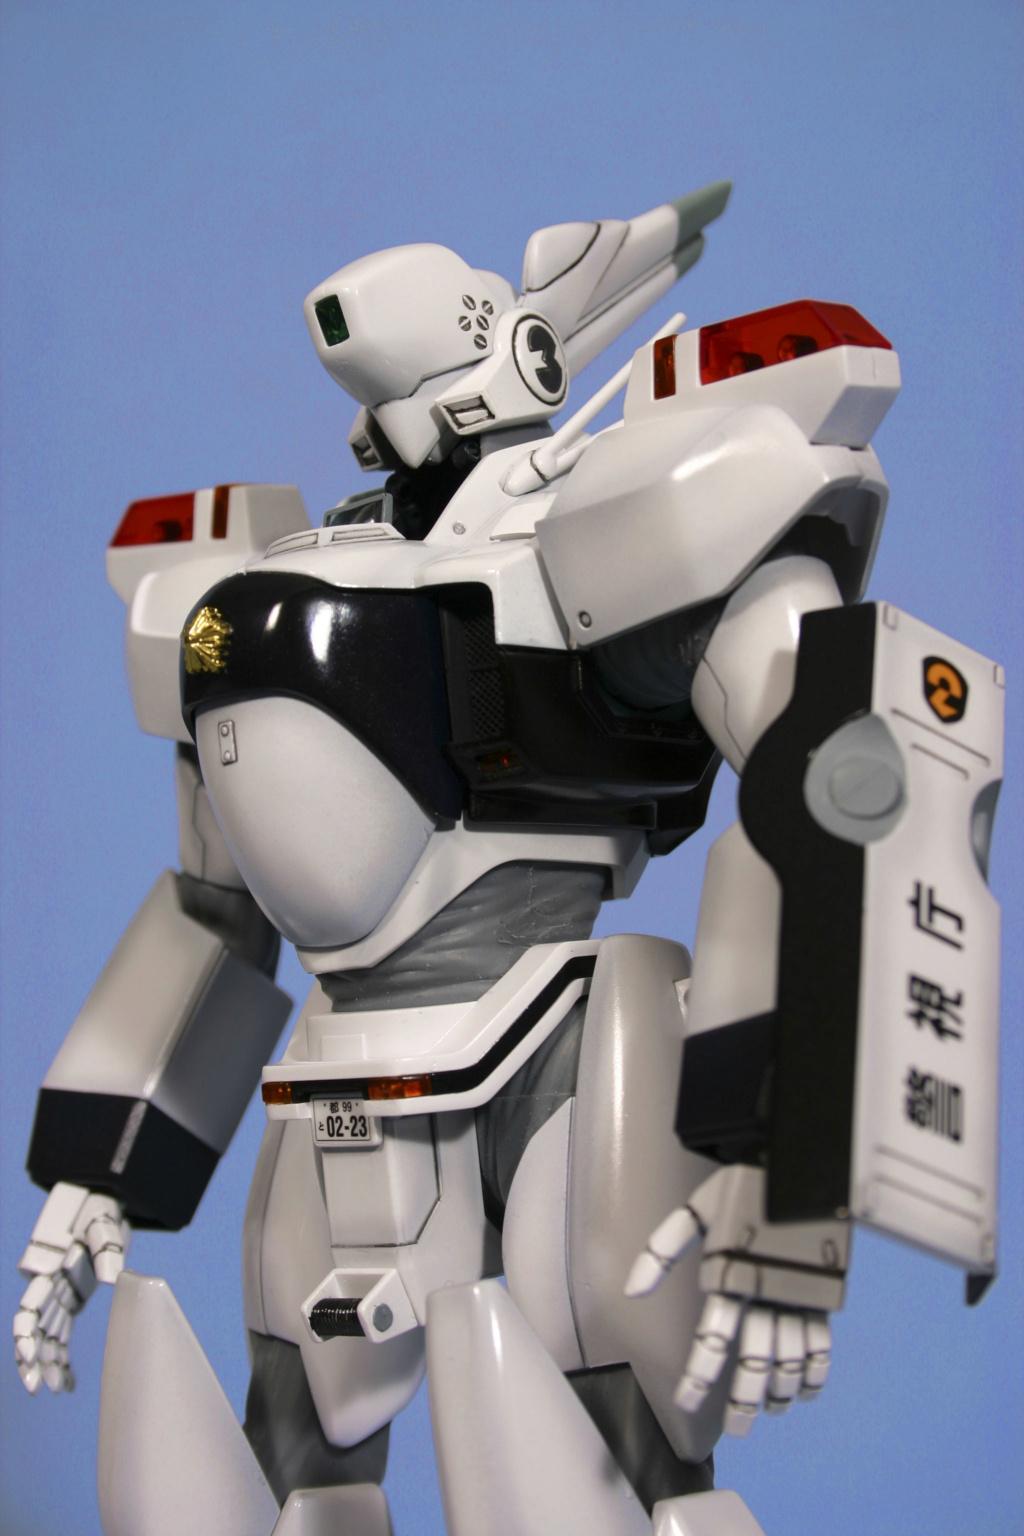 Patlabor - Shinohara AV-98 Ingram 3 Ingram11